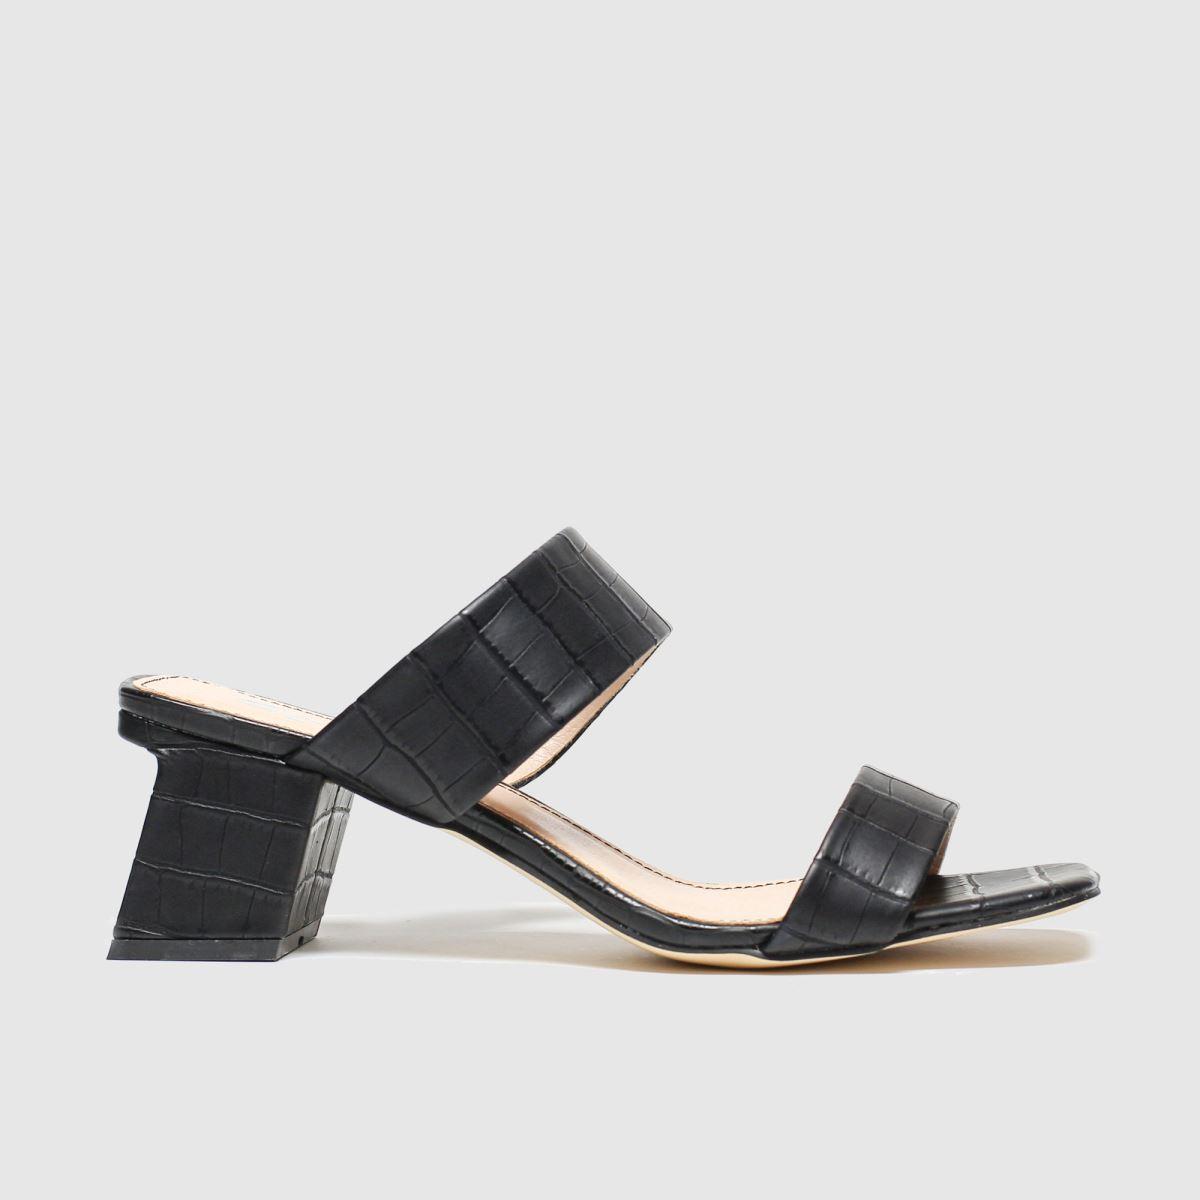 schuh Schuh Black Pisa High Heels